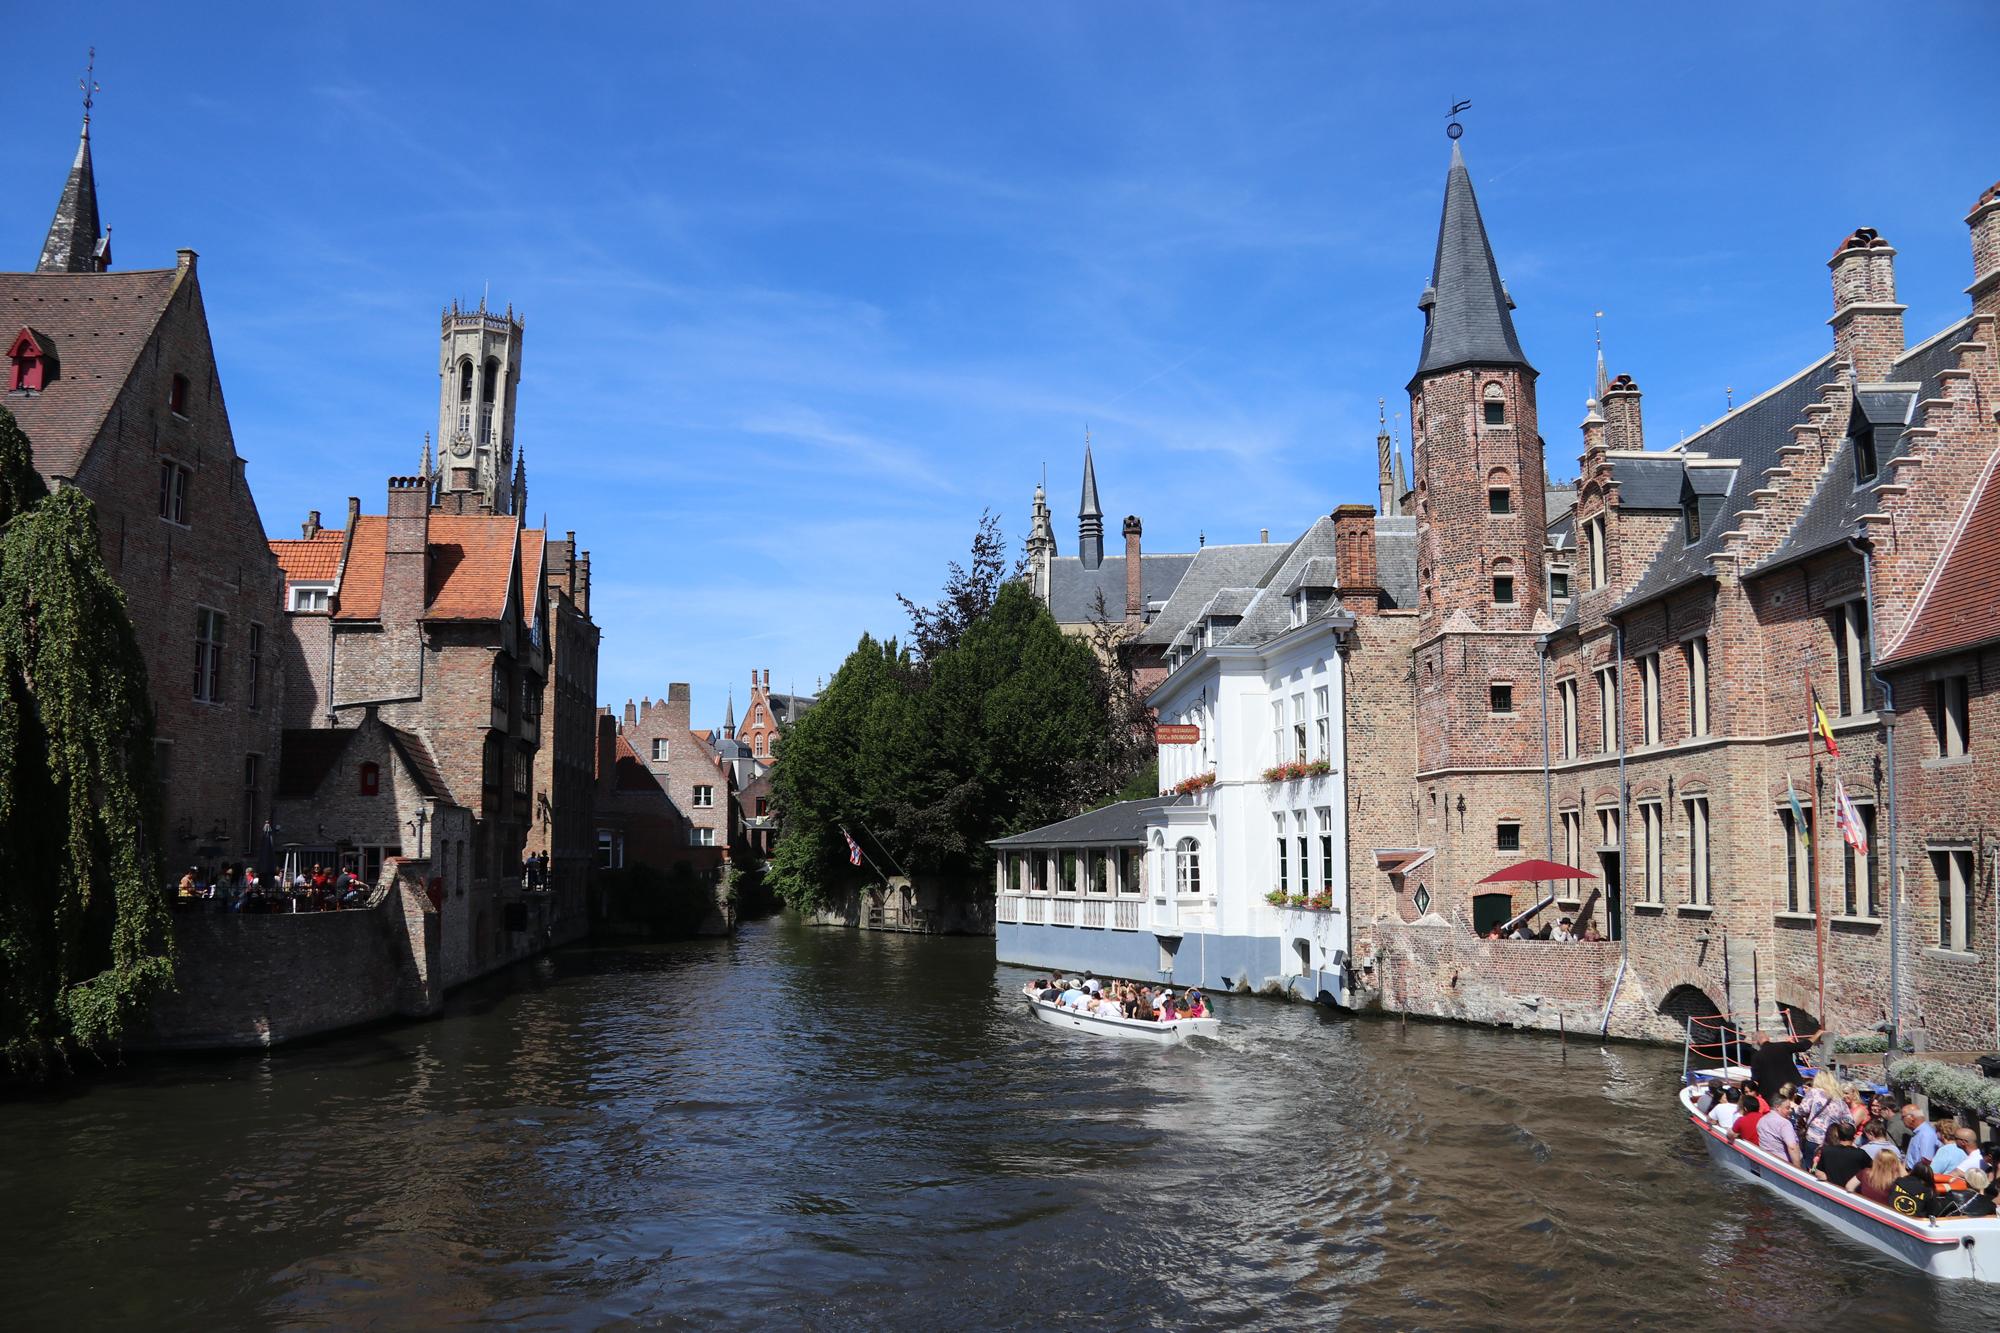 Weekendje Brugge in 10 beelden: De bekende beelden van Brugge met de grachten